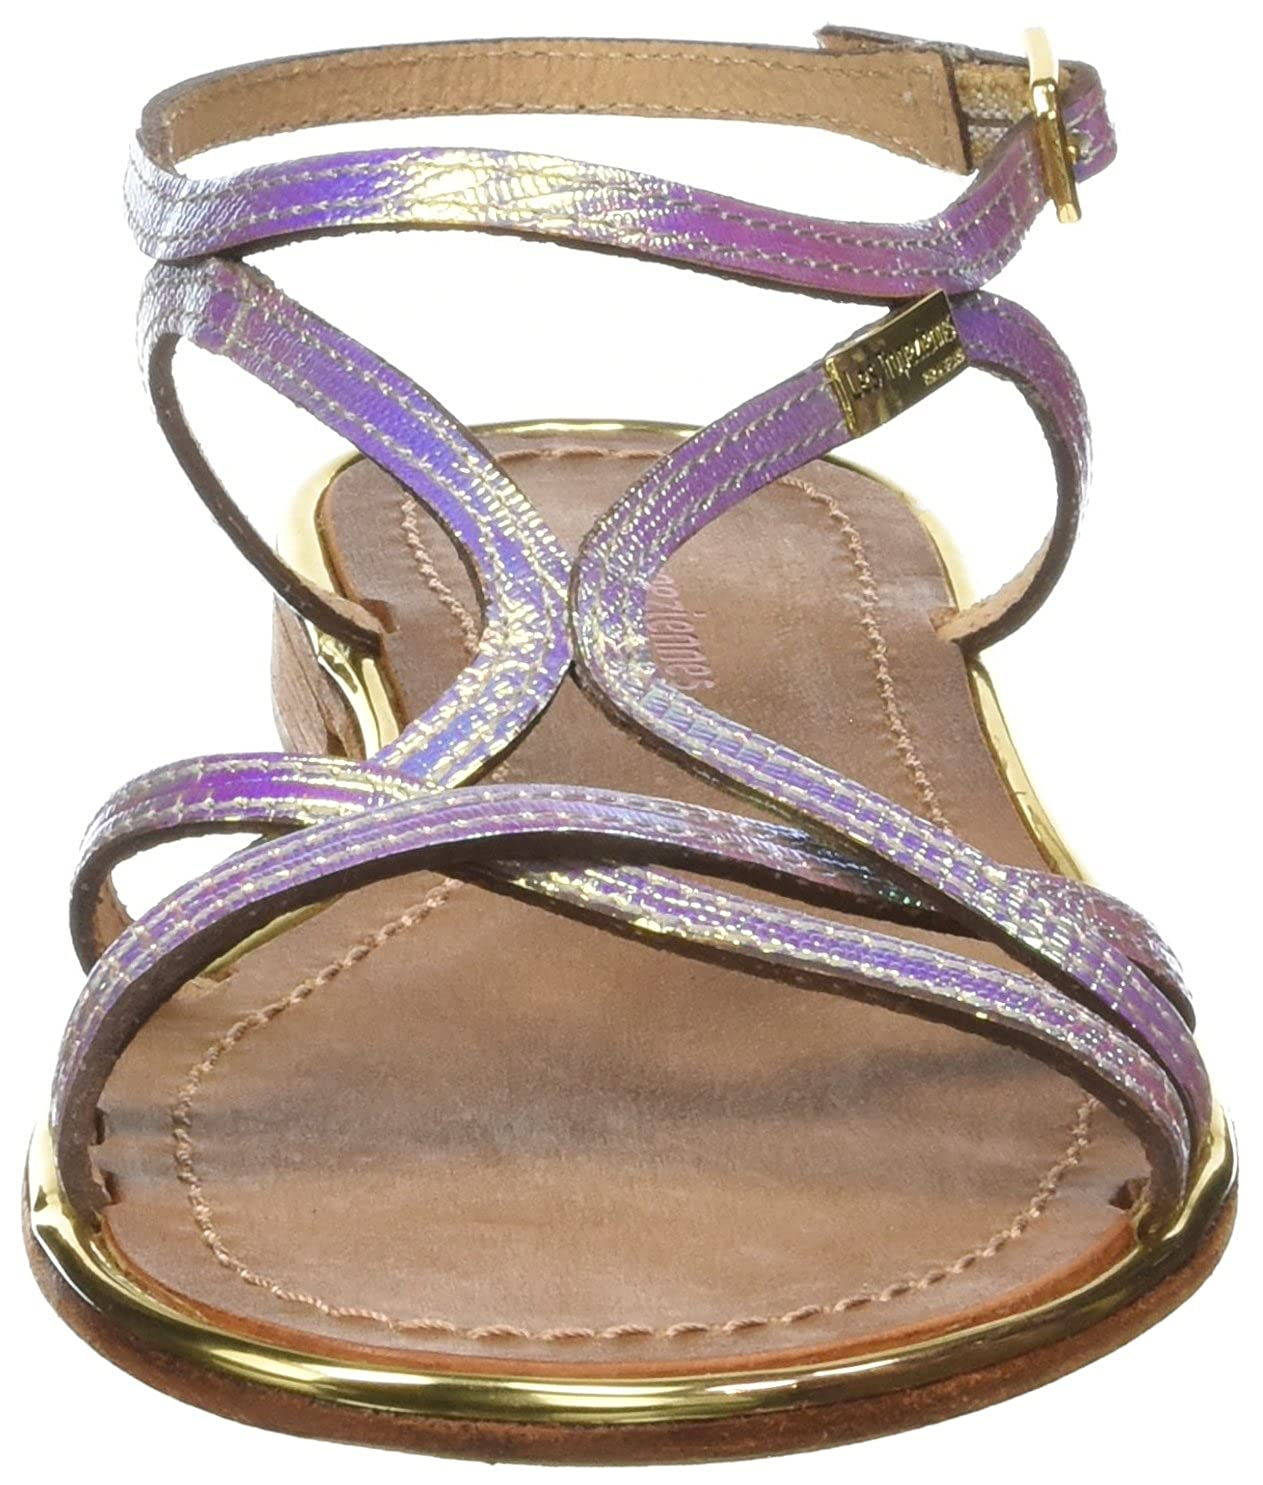 Cheville MBelarbi Par Menton Femme Bride sandales Tropéziennes Les 7Y6vfgyb